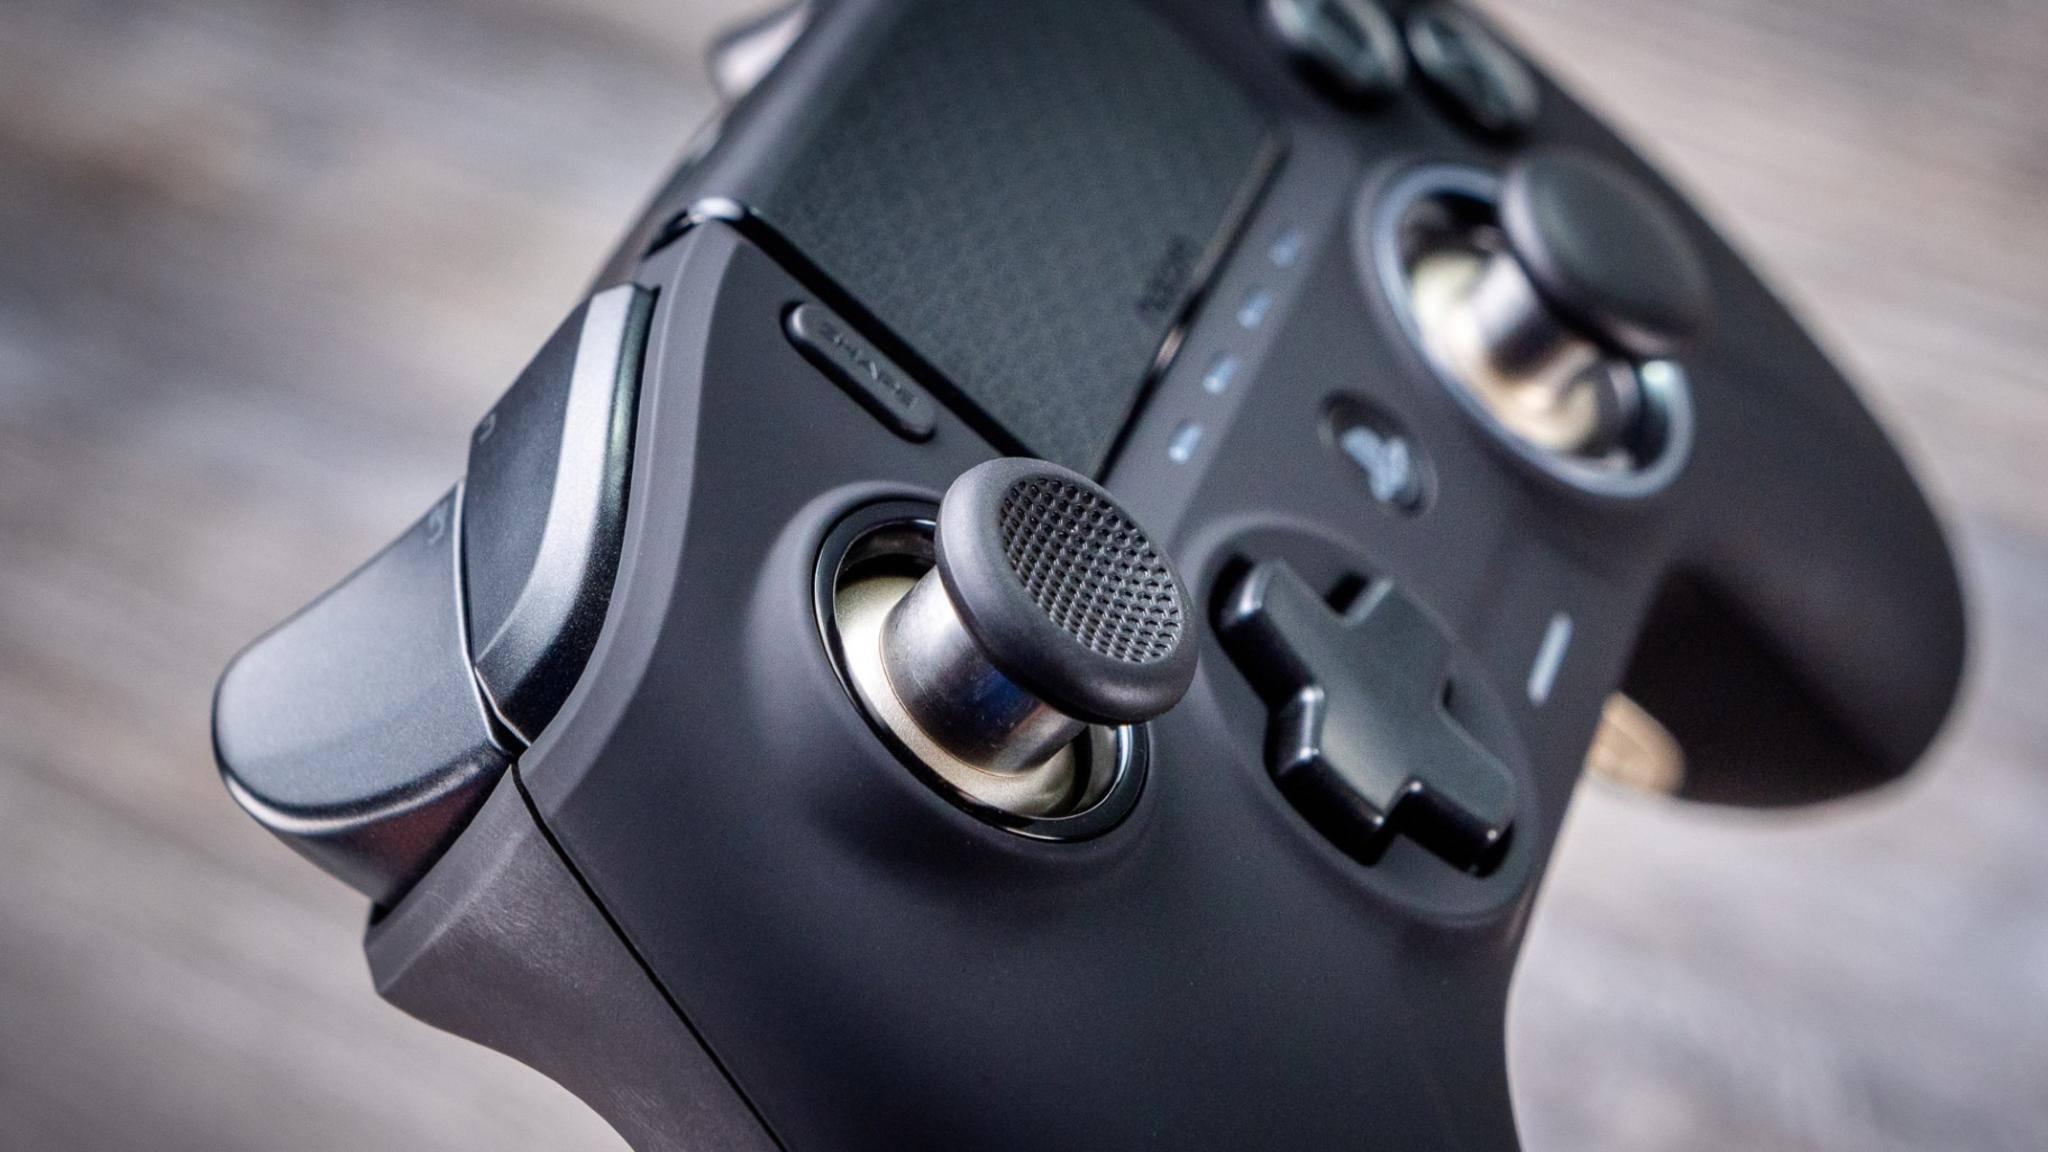 Endlich ohne Kabel: Der Nacon Revolution Unlimited Pro für die PS4.